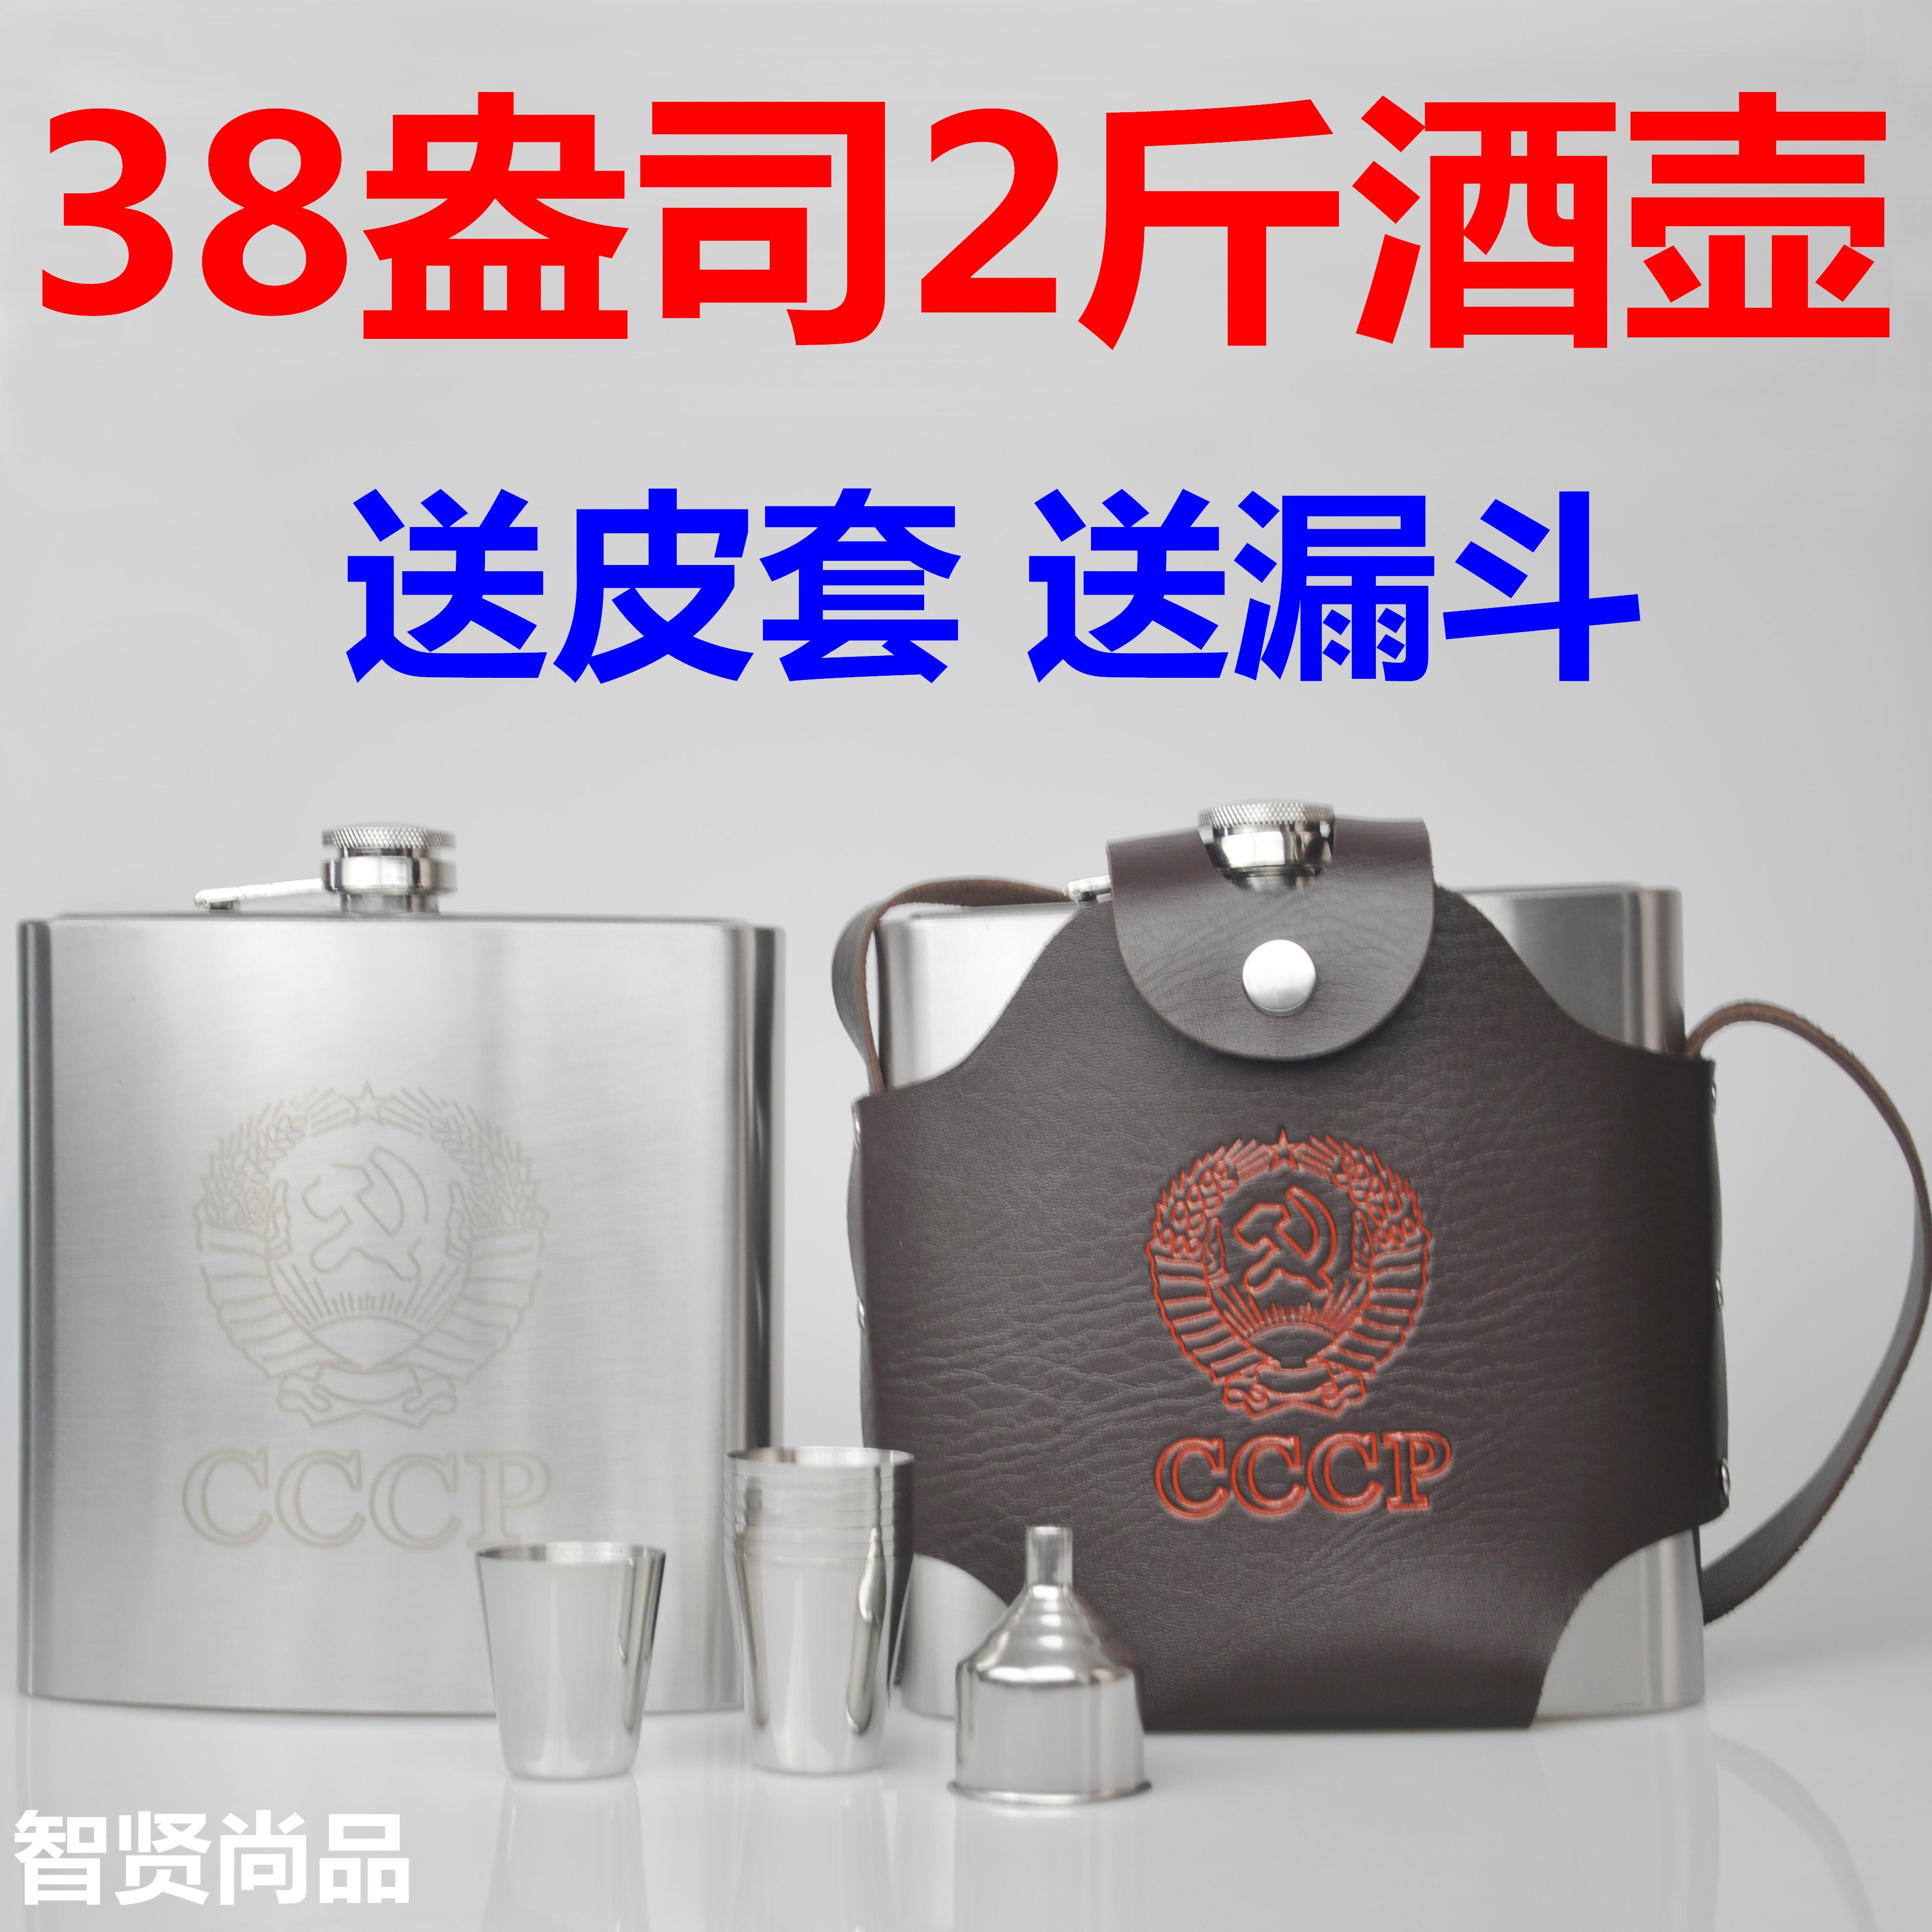 不锈钢酒壶旅行户外军水壶随身便携酒瓶具304斤2盎司38男士俄罗斯